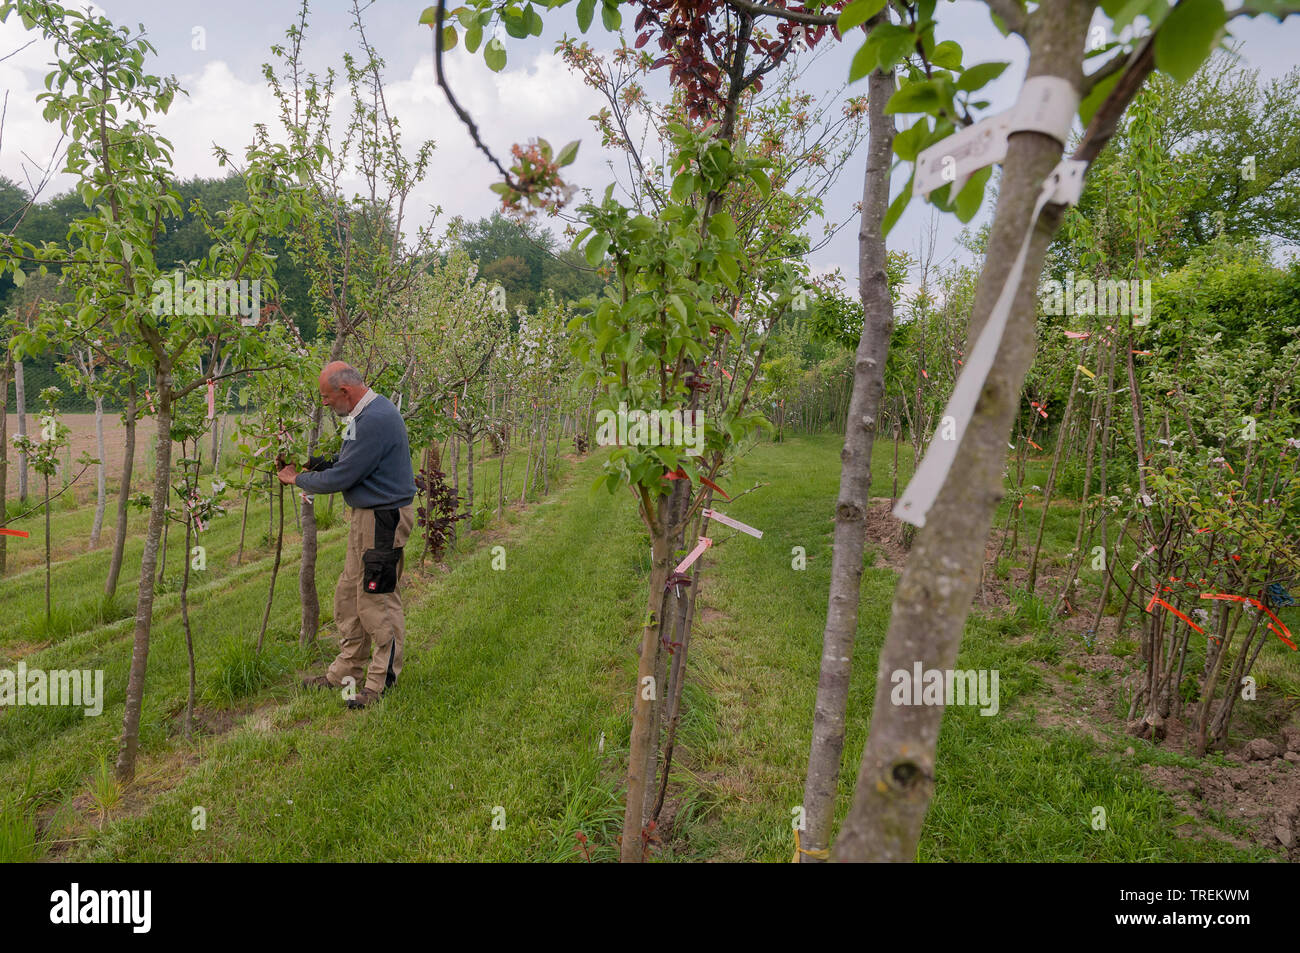 Pommier (Malus domestica), contrôle mal les arbres fruitiers dans une pépinière, Allemagne Banque D'Images